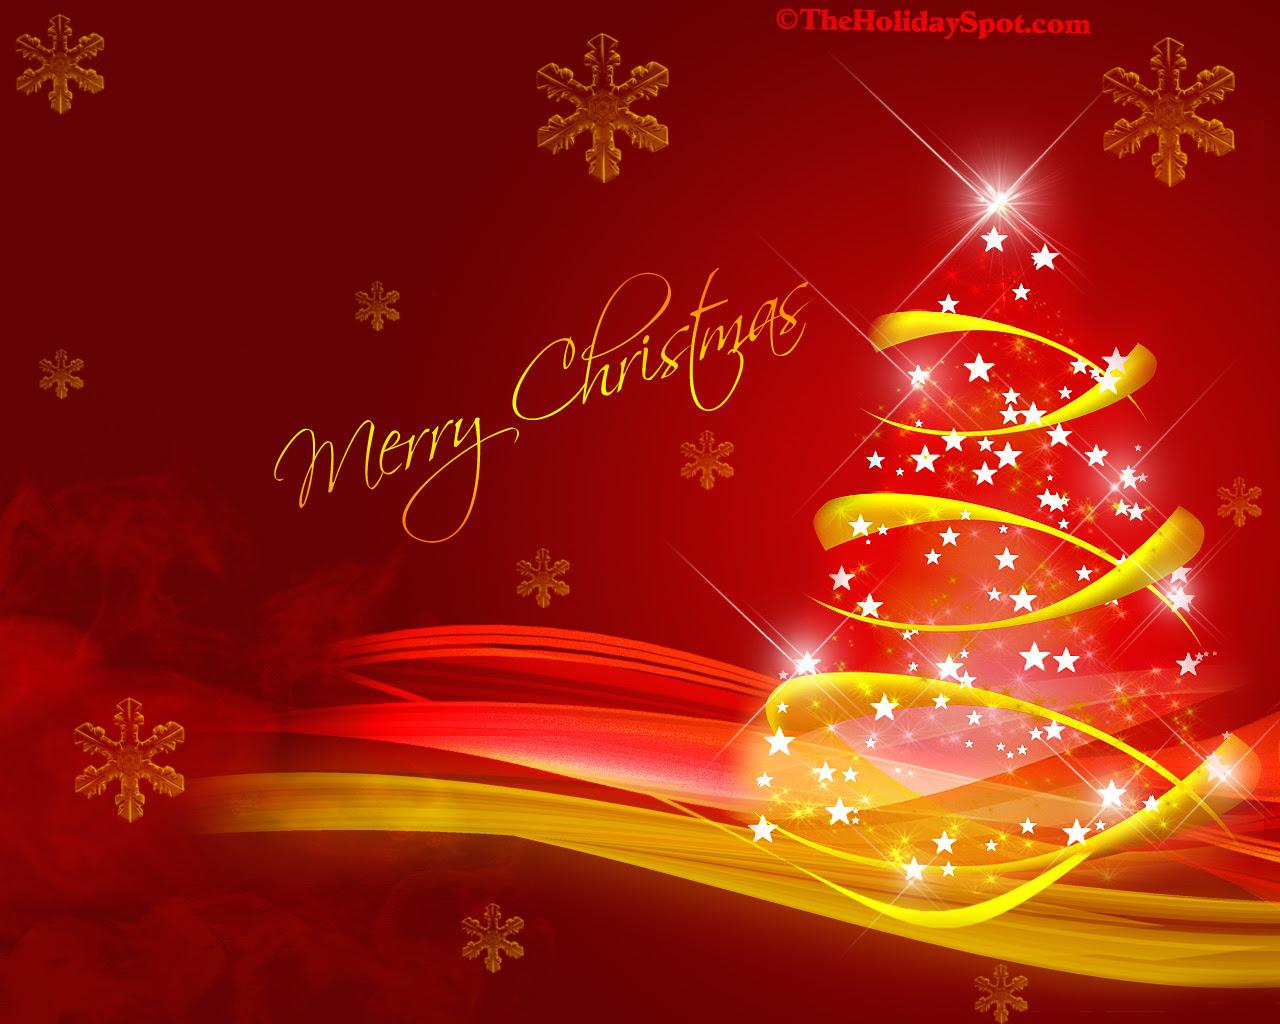 1280x1024 Christmas Wallpapers 1280x1024 High quality Christmas tree ...